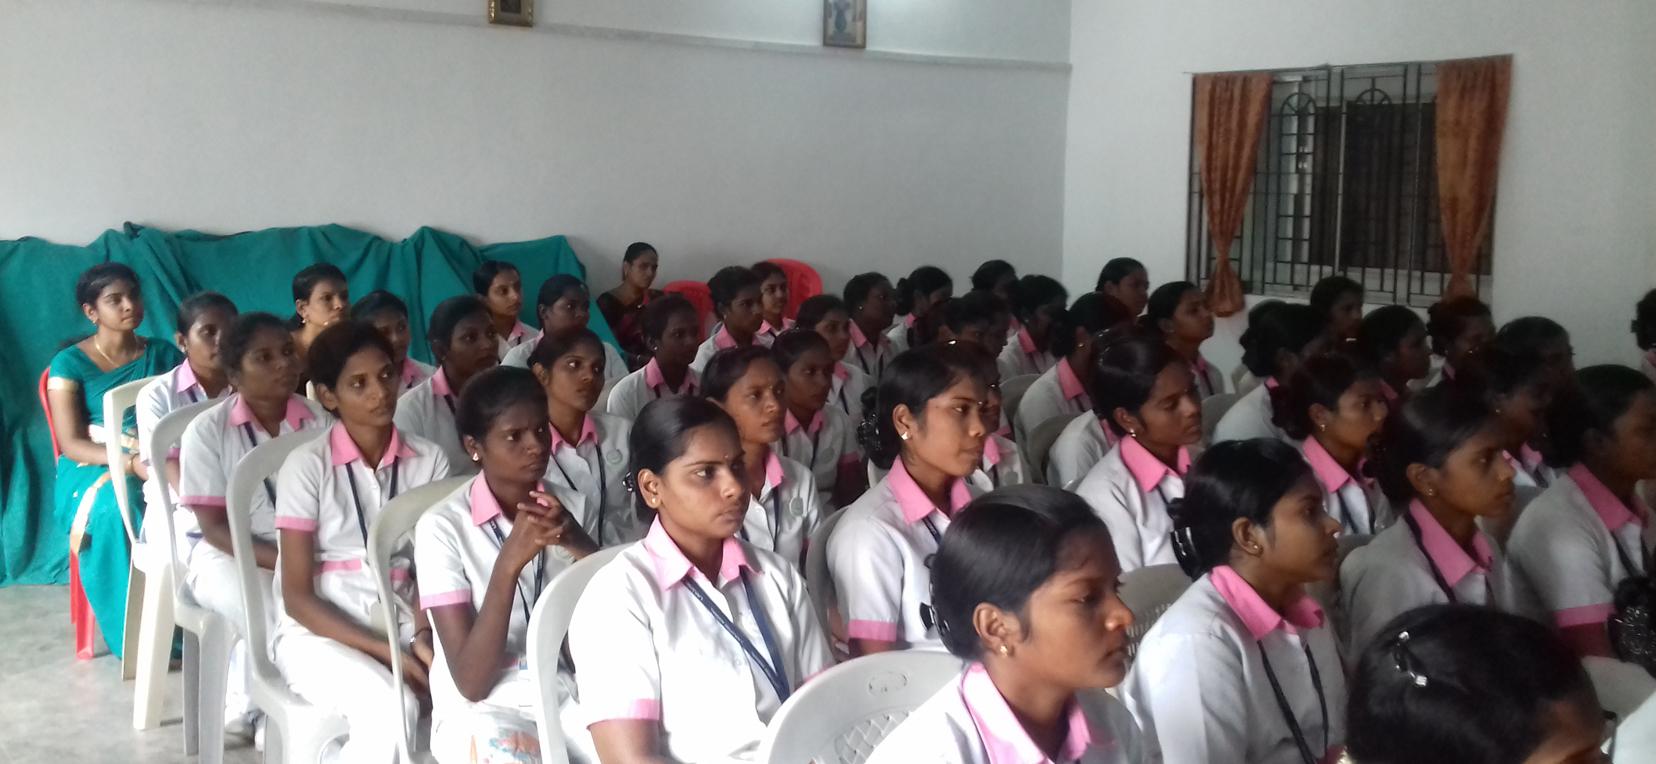 Lakshmi Ammal School of Nursing